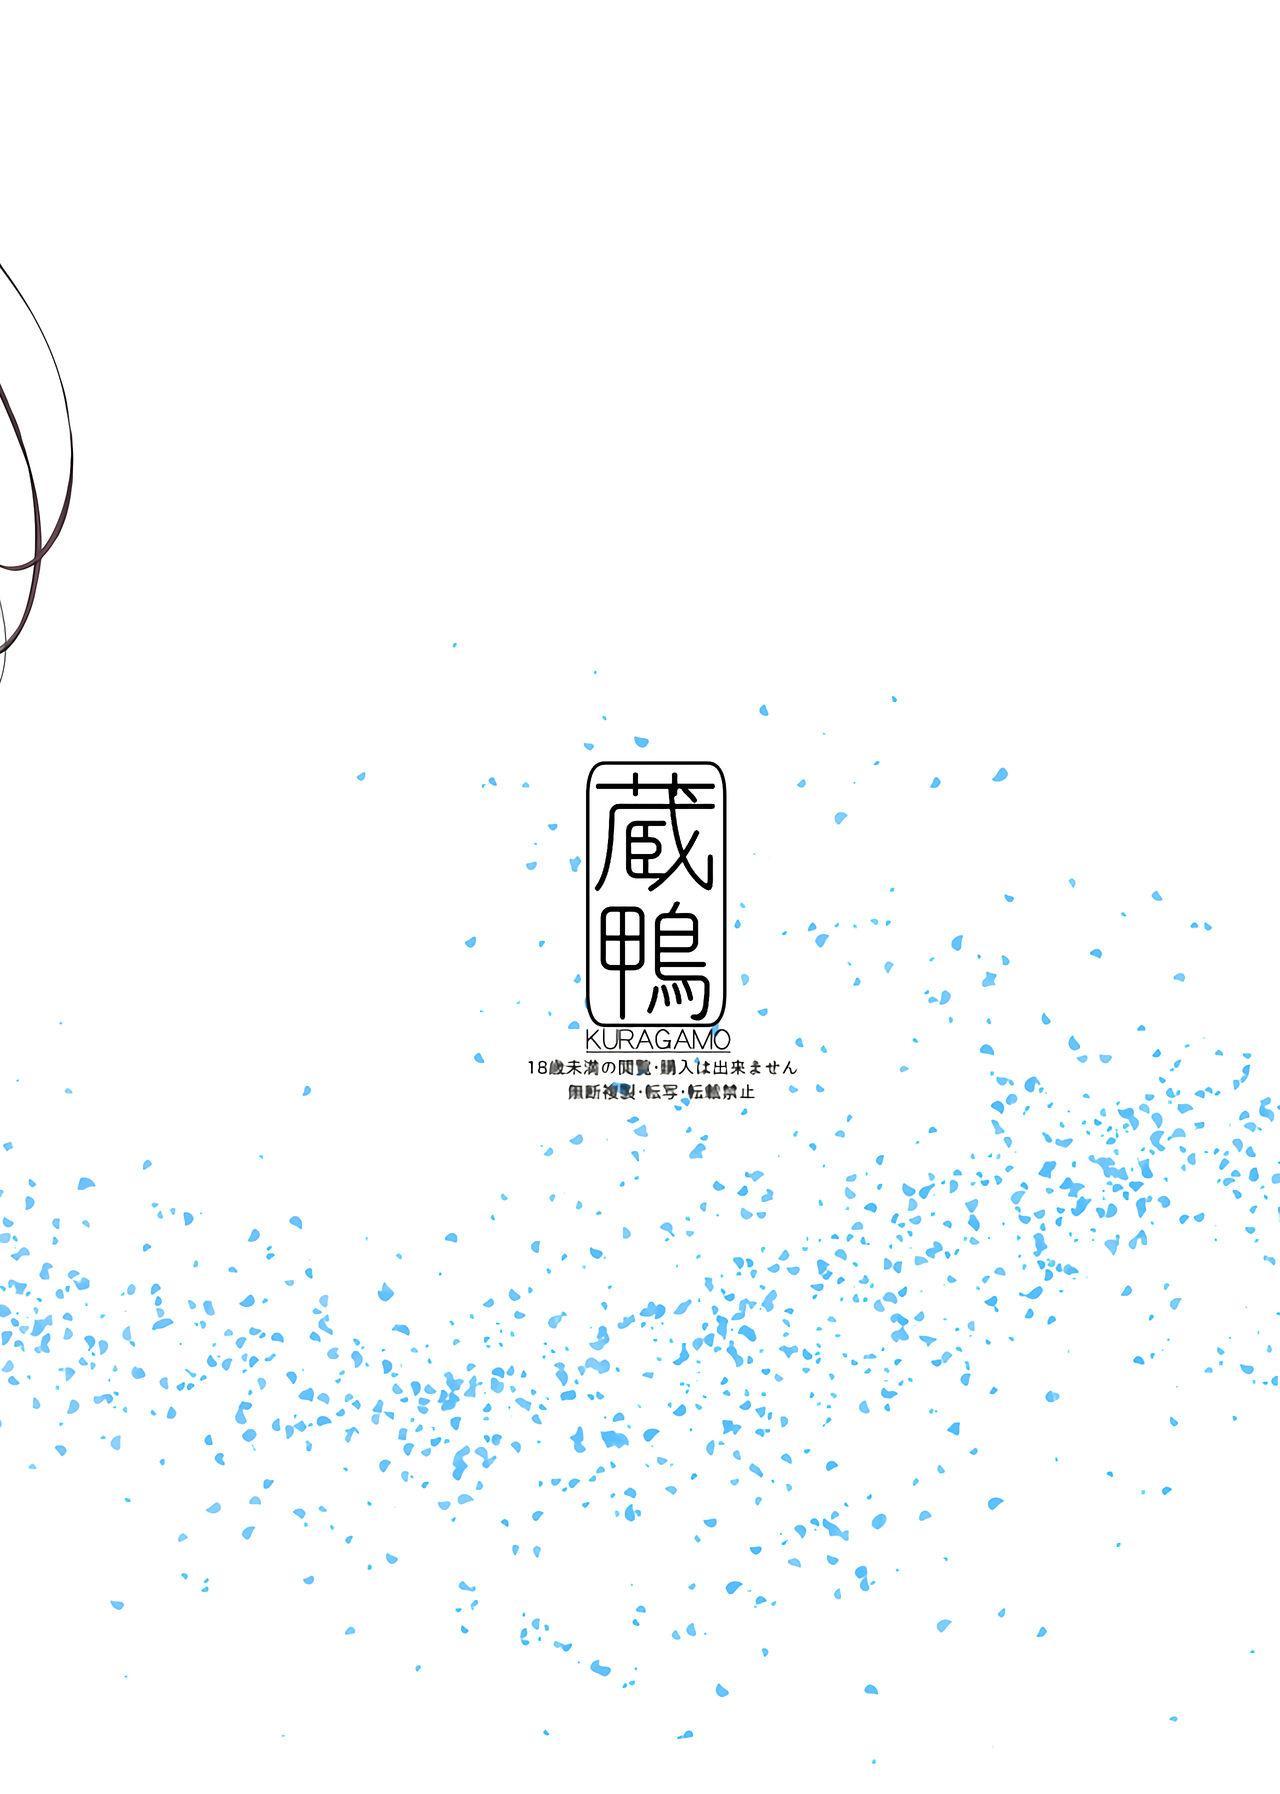 (C92) [Kuragamo (Tukinowagamo)] Tonari no Chinatsu-chan R | Next Door's Chinatsu-chan R [English] [Team Koinaka] 26